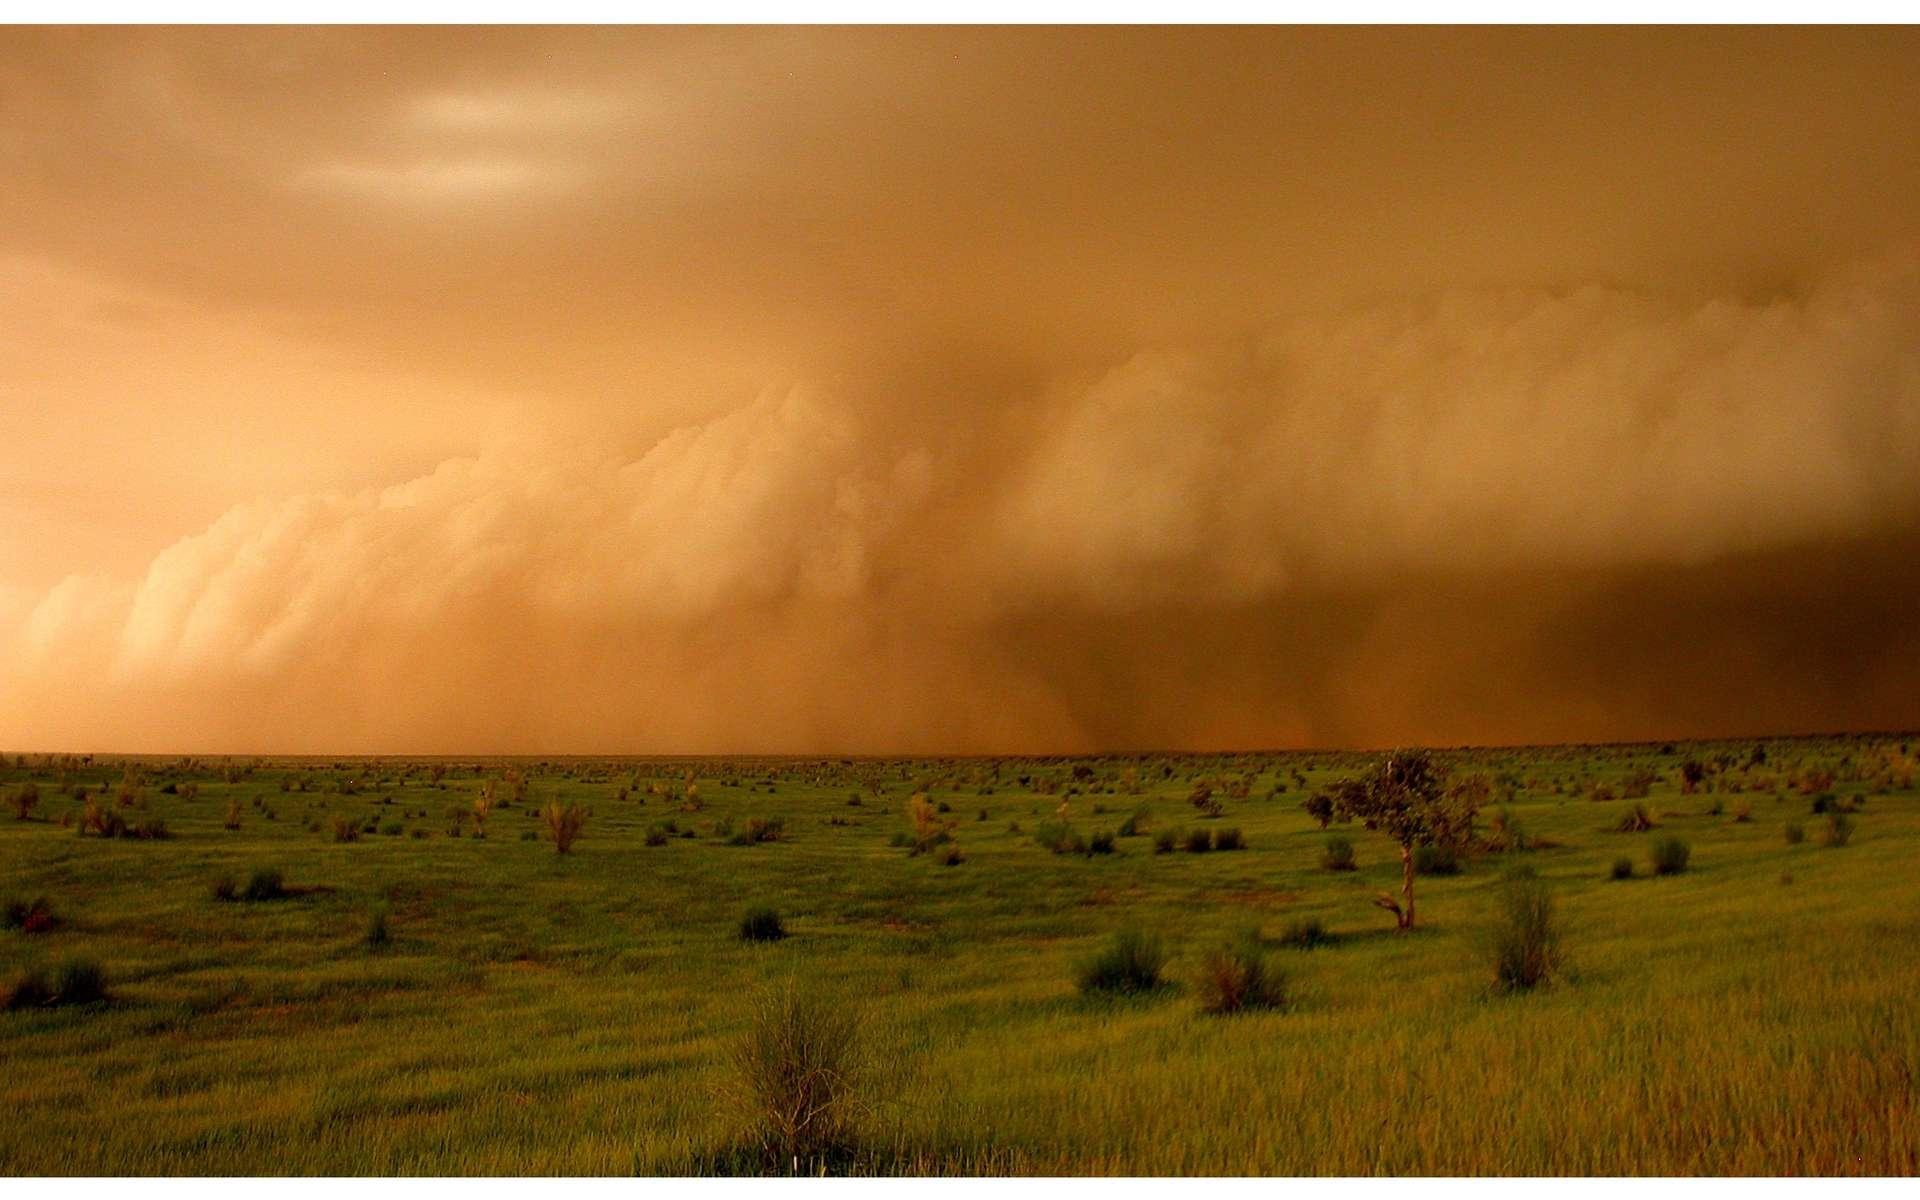 Certains orages forment parfois un front pouvant s'étendre latéralement sur des centaines de kilomètres. Ils produisent alors une ligne de grains. © Françoise Guichard et Laurent Kergoat/CNRS